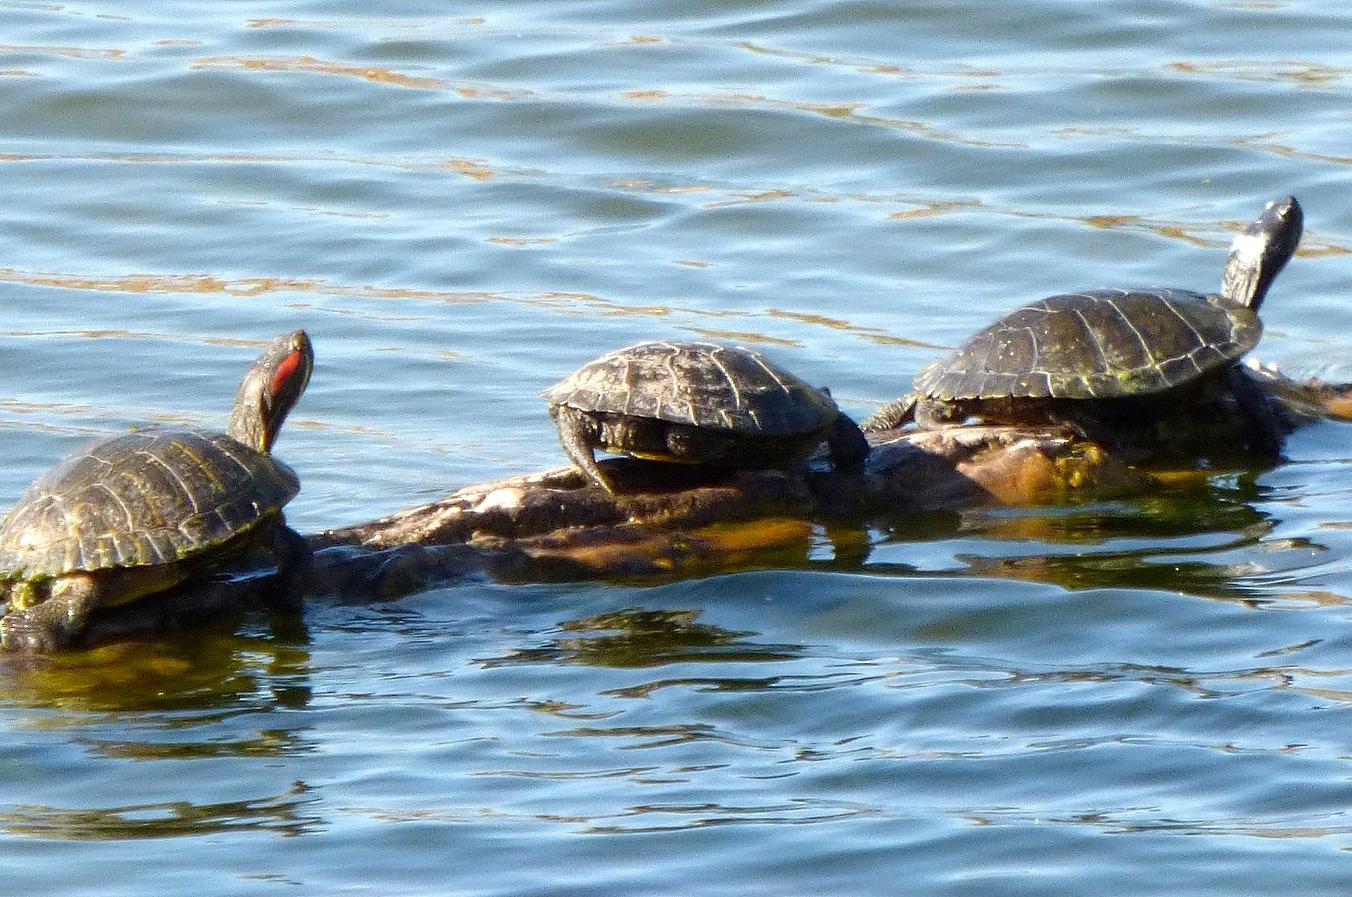 lake michigan turtles